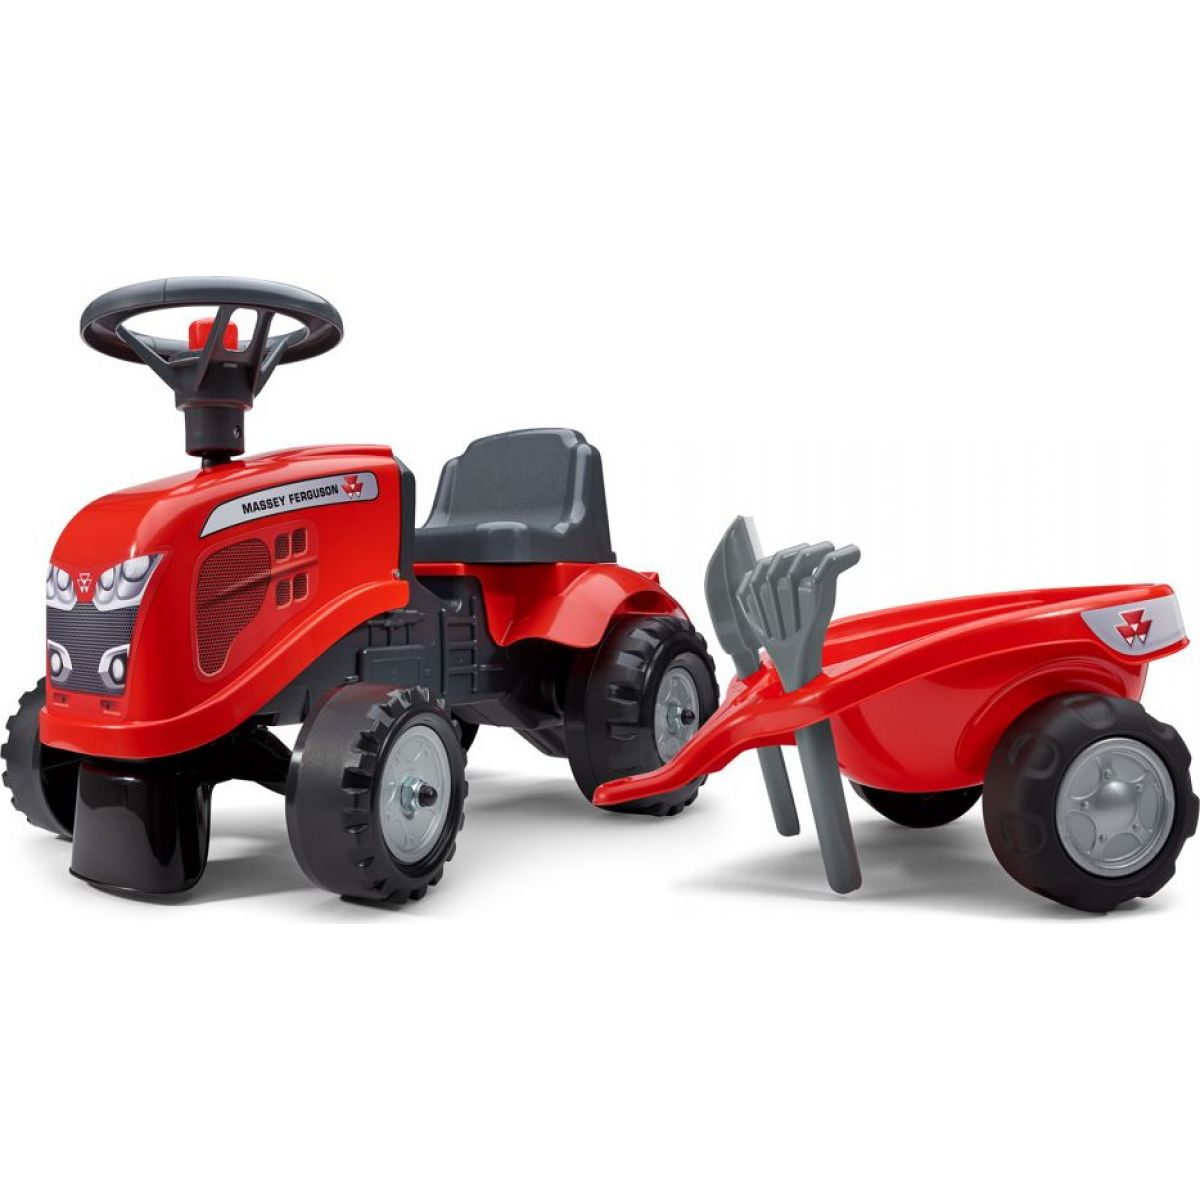 Falk Odstrkovadlo traktor Massey Ferguson červenej, volant a valník